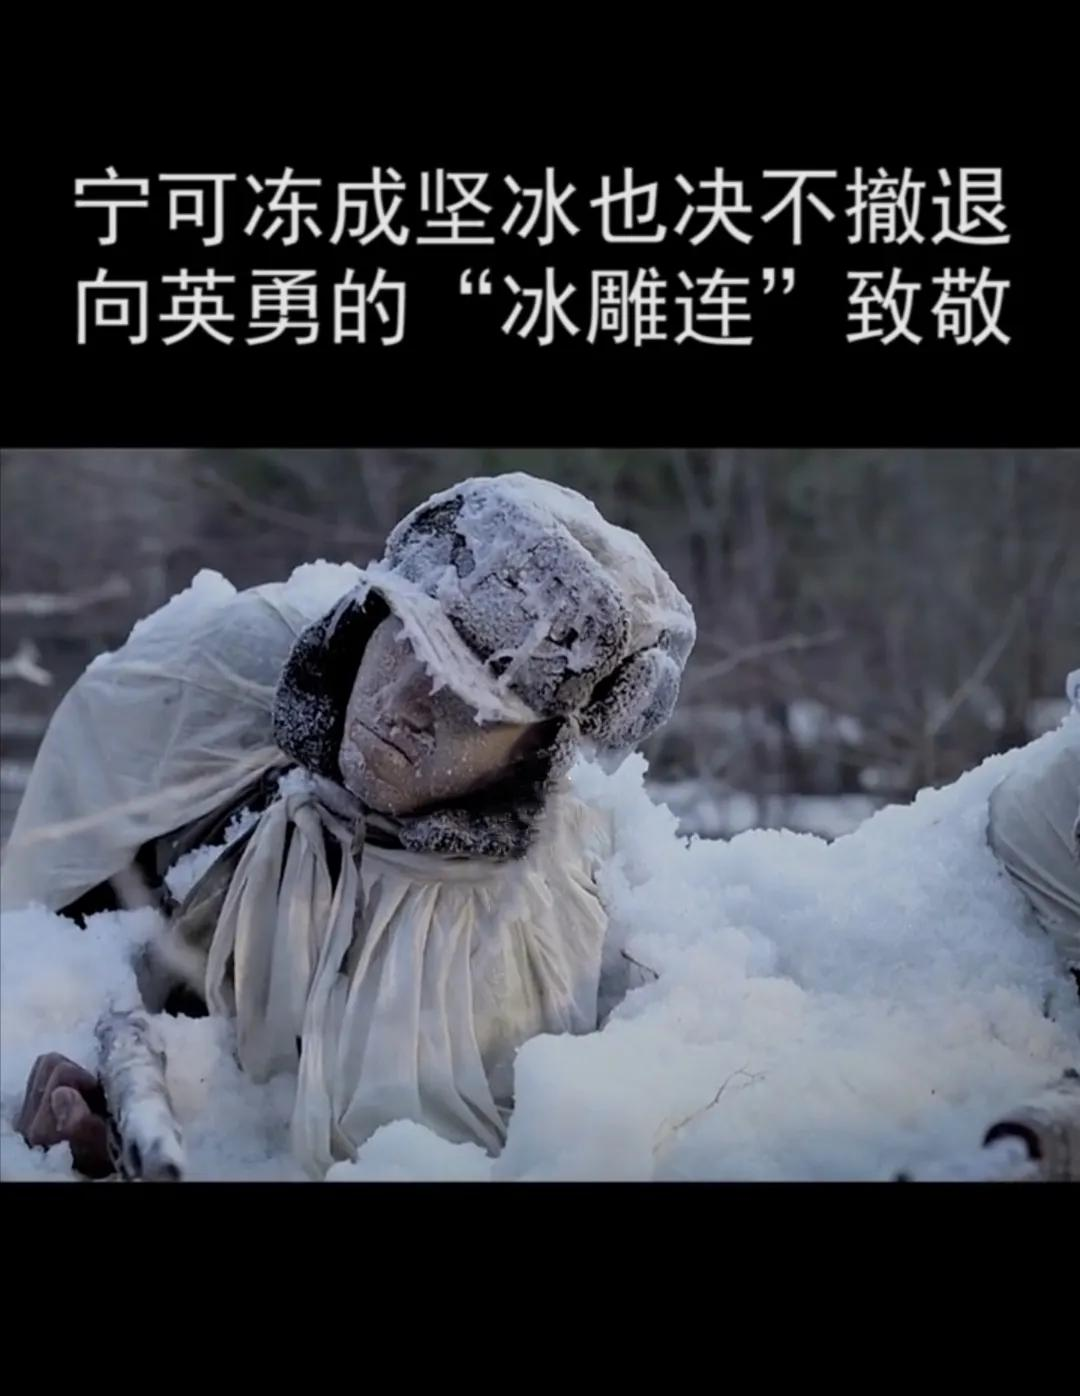 长津湖战役击退美军,周全弟-40℃卧雪三天冻掉